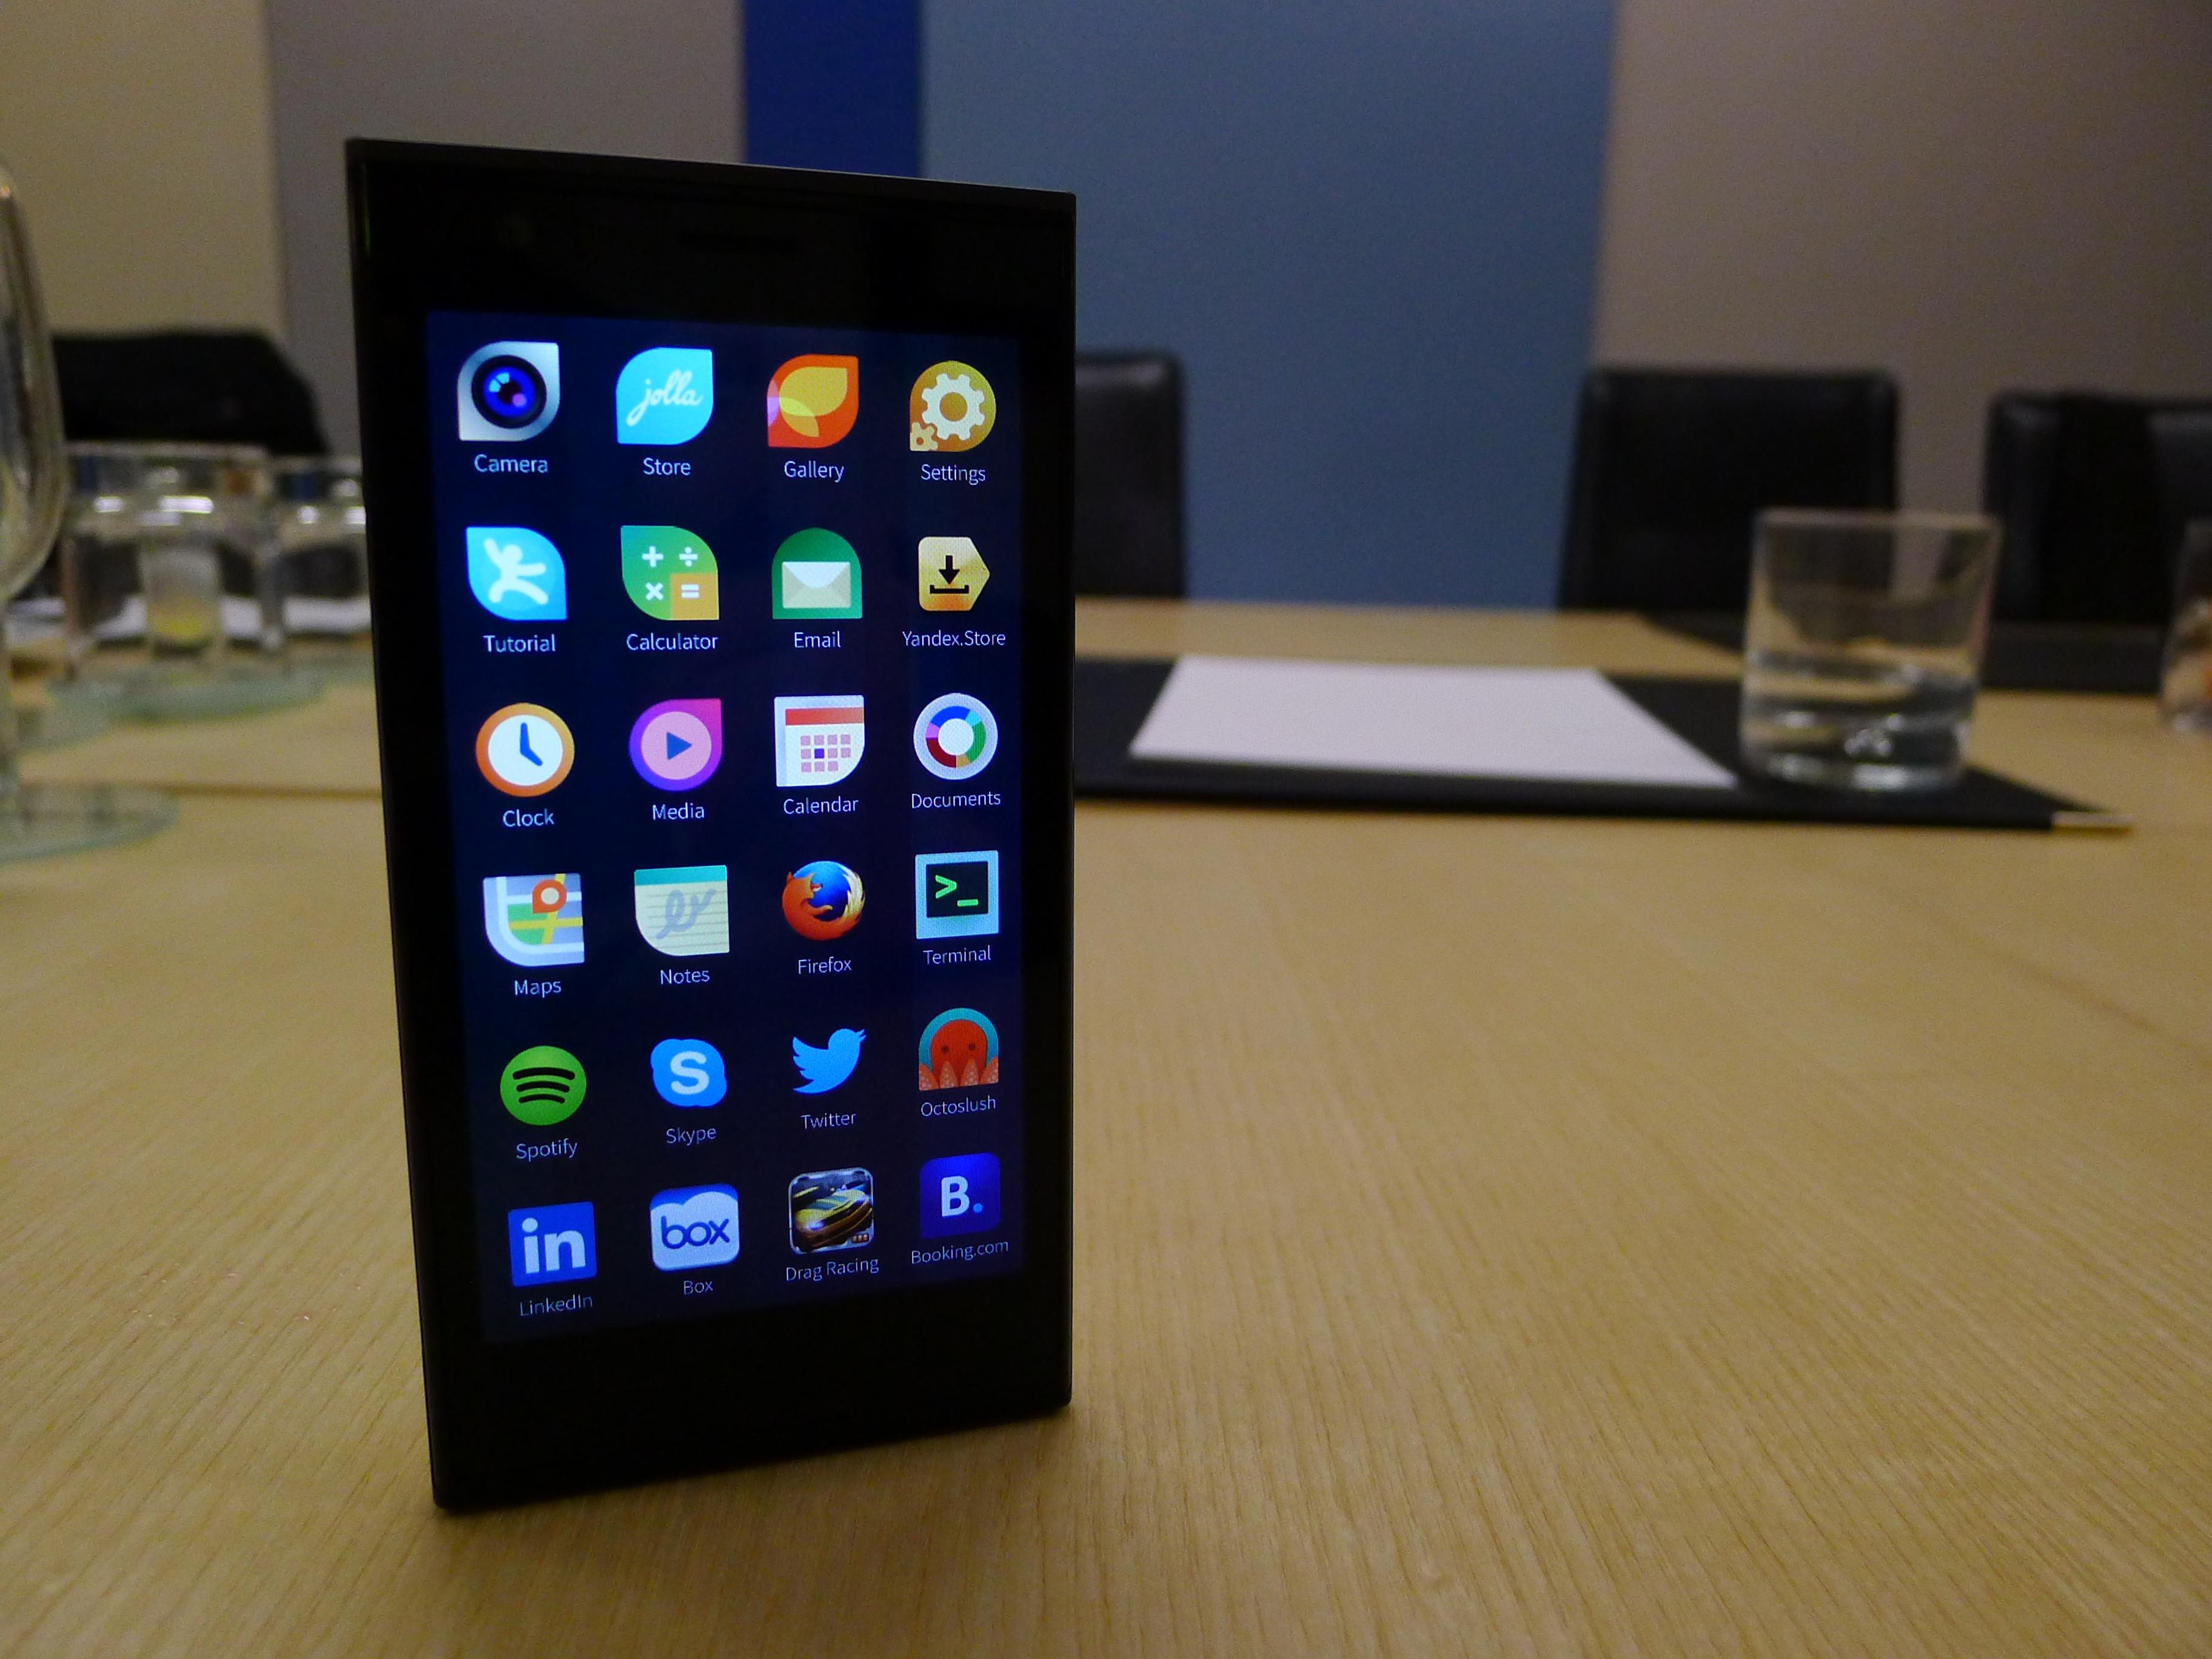 Русской мобильнойОС будет доработанная Sailfish отJolla